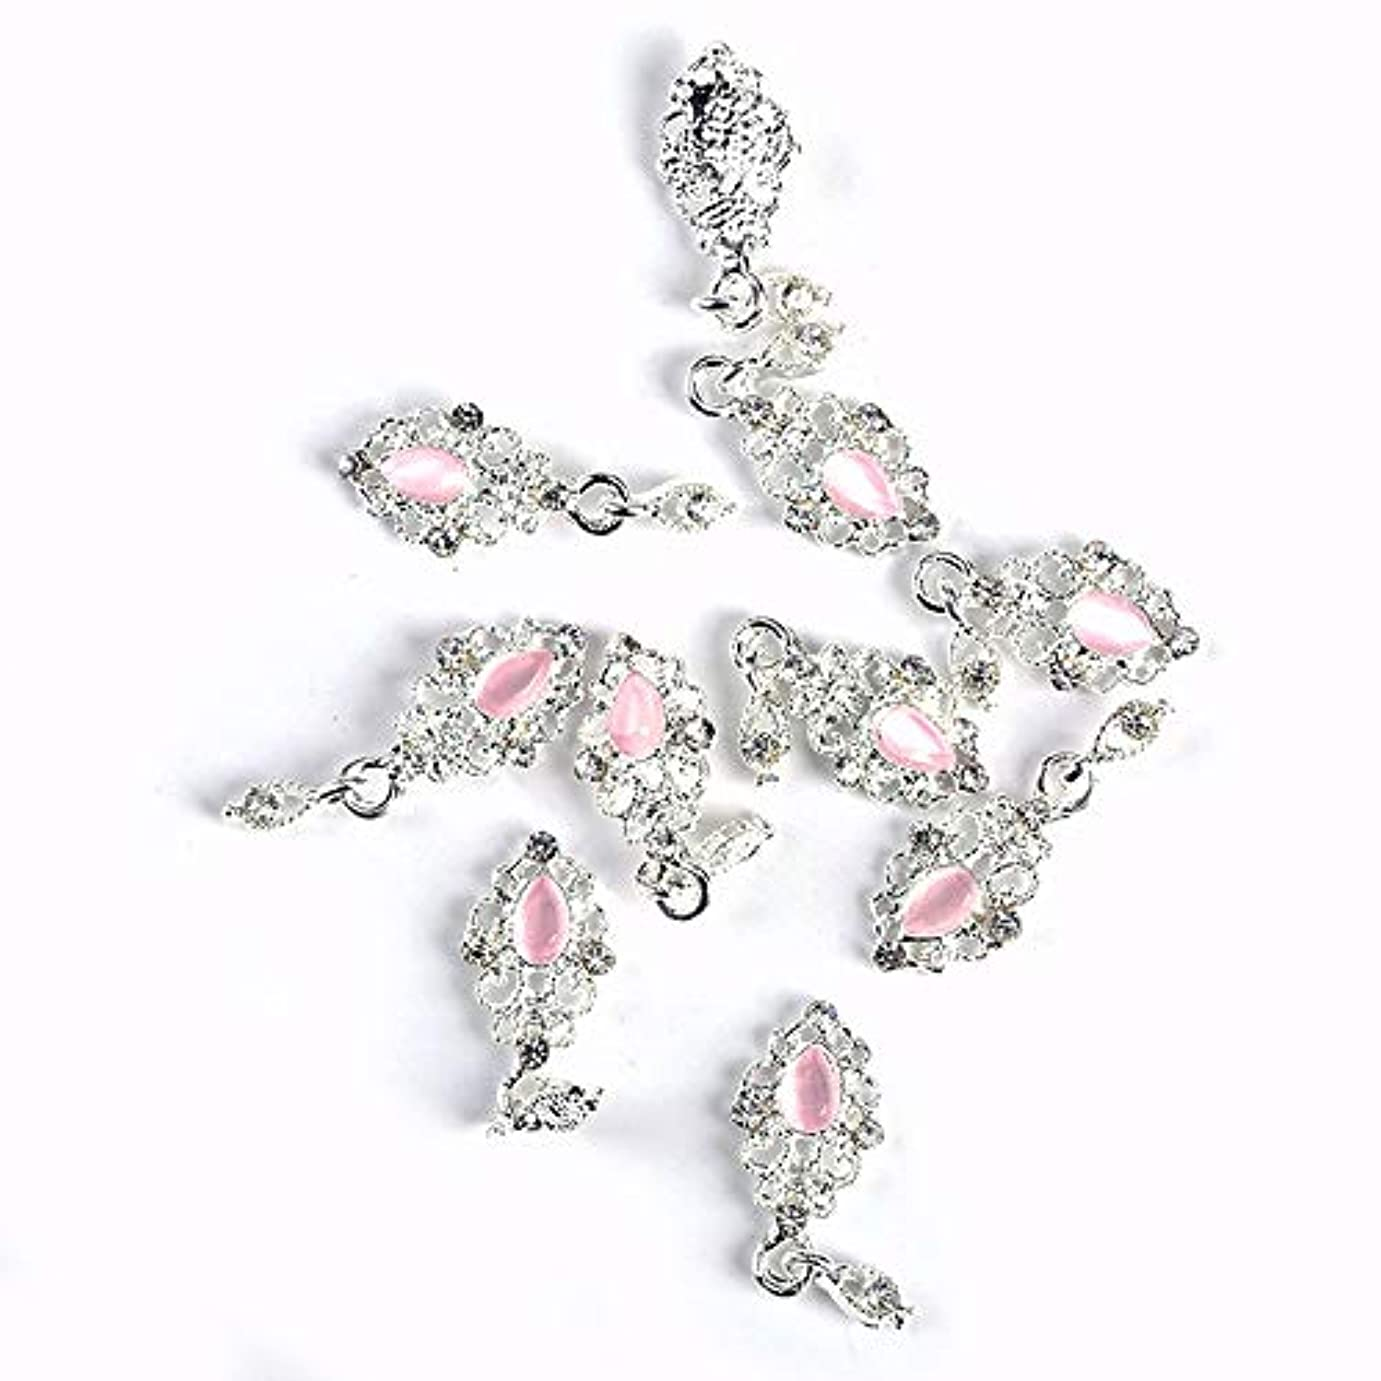 ズボン割れ目失われた10PCSの3D釘アクセサリーメタルシルバーネイルペンダントデザインモザイクピンクの宝石チャームは、アートの装飾DIYマニキュアネイル